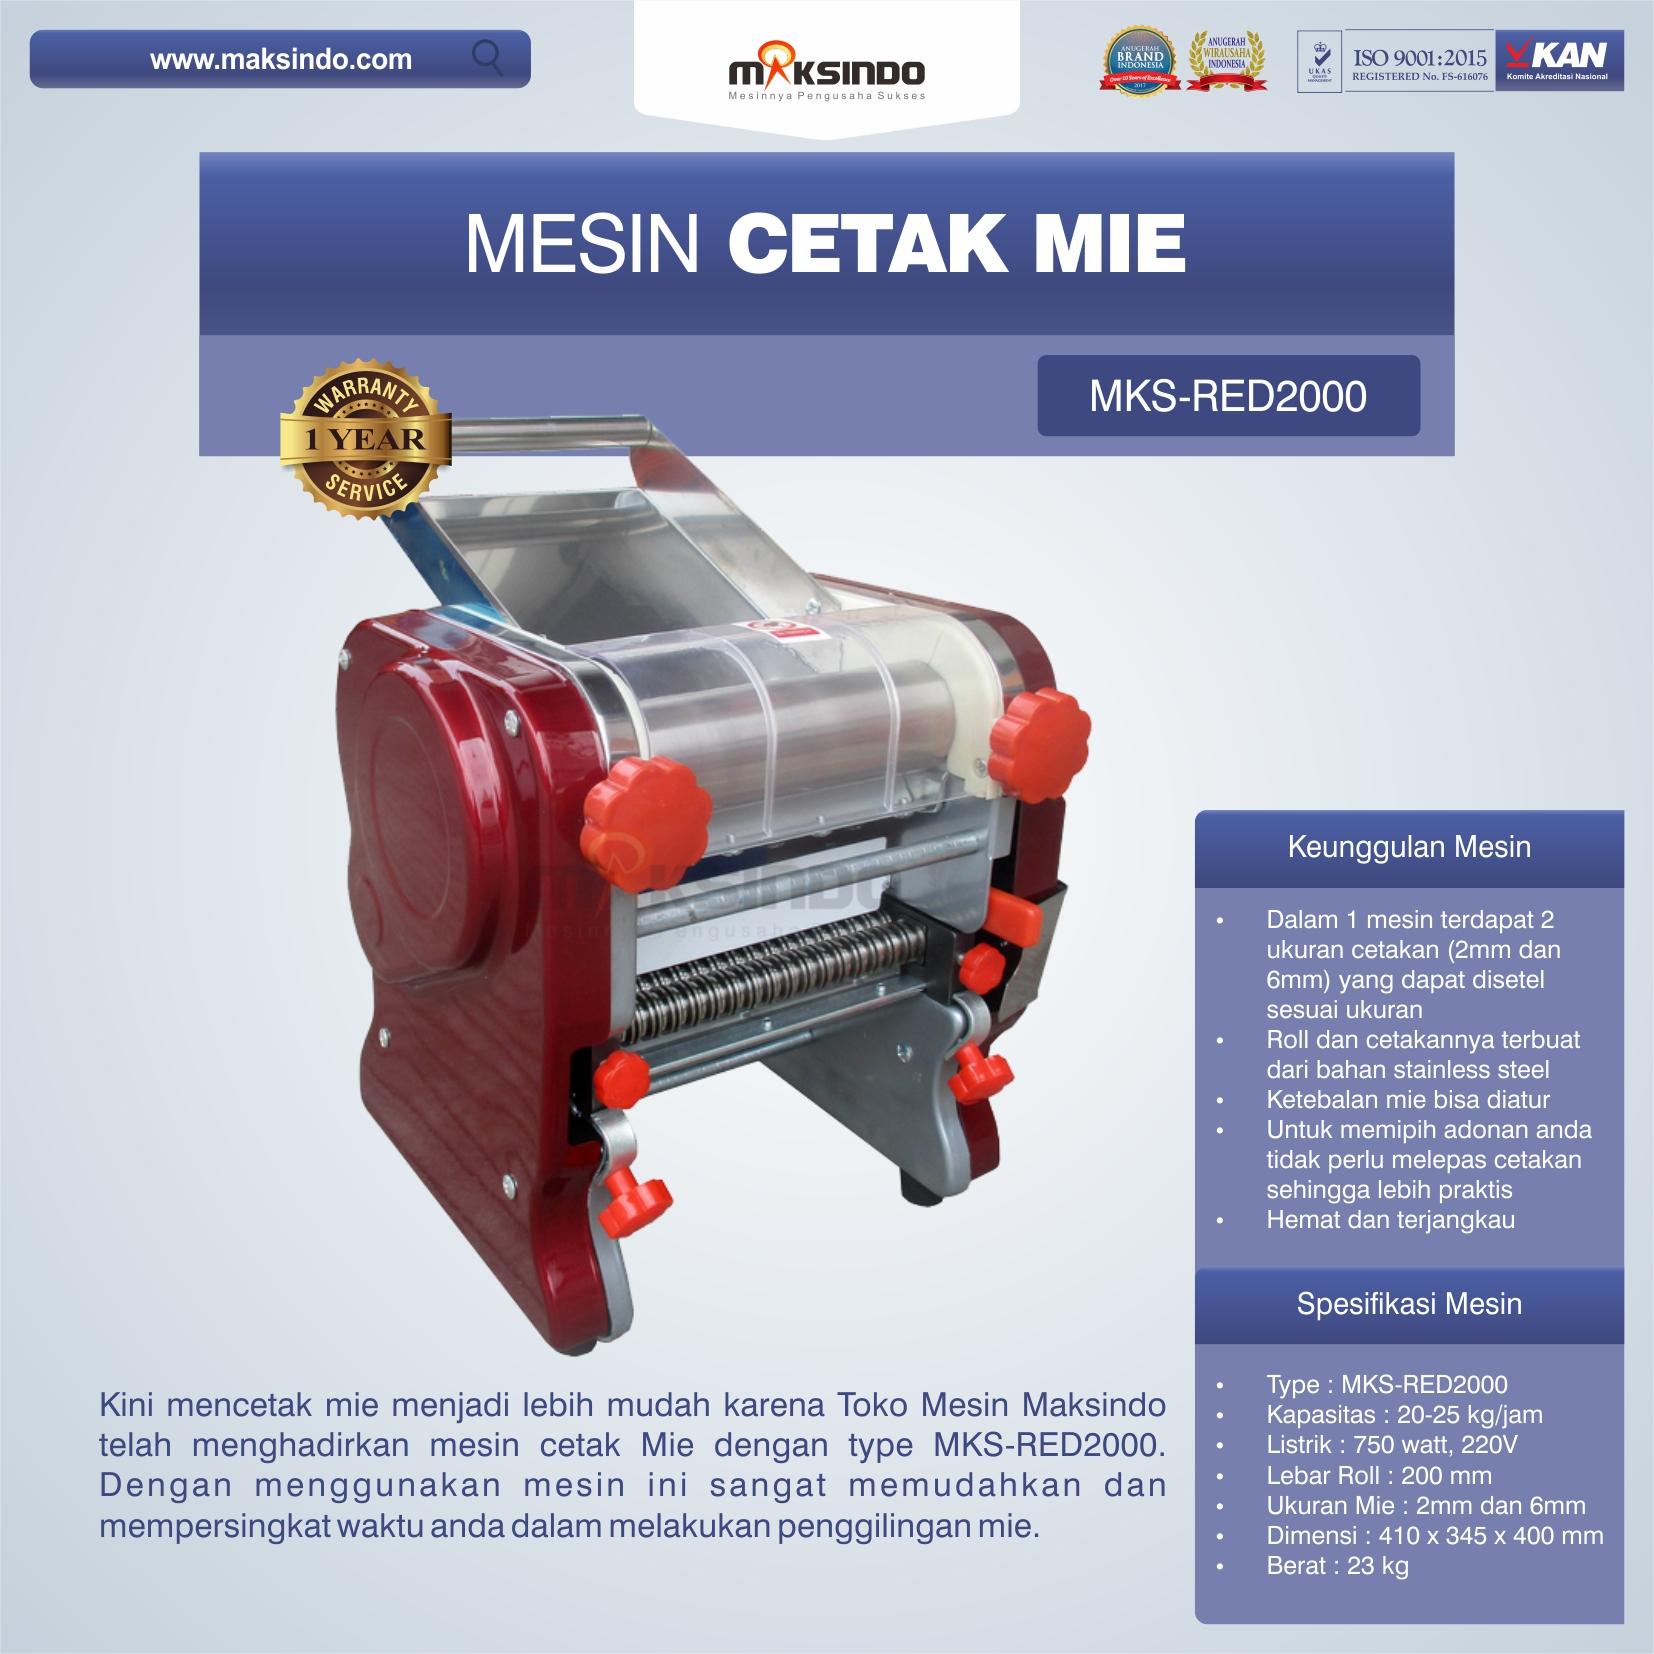 Jual Mesin Cetak Mie MKS-RED2000 di Bekasi